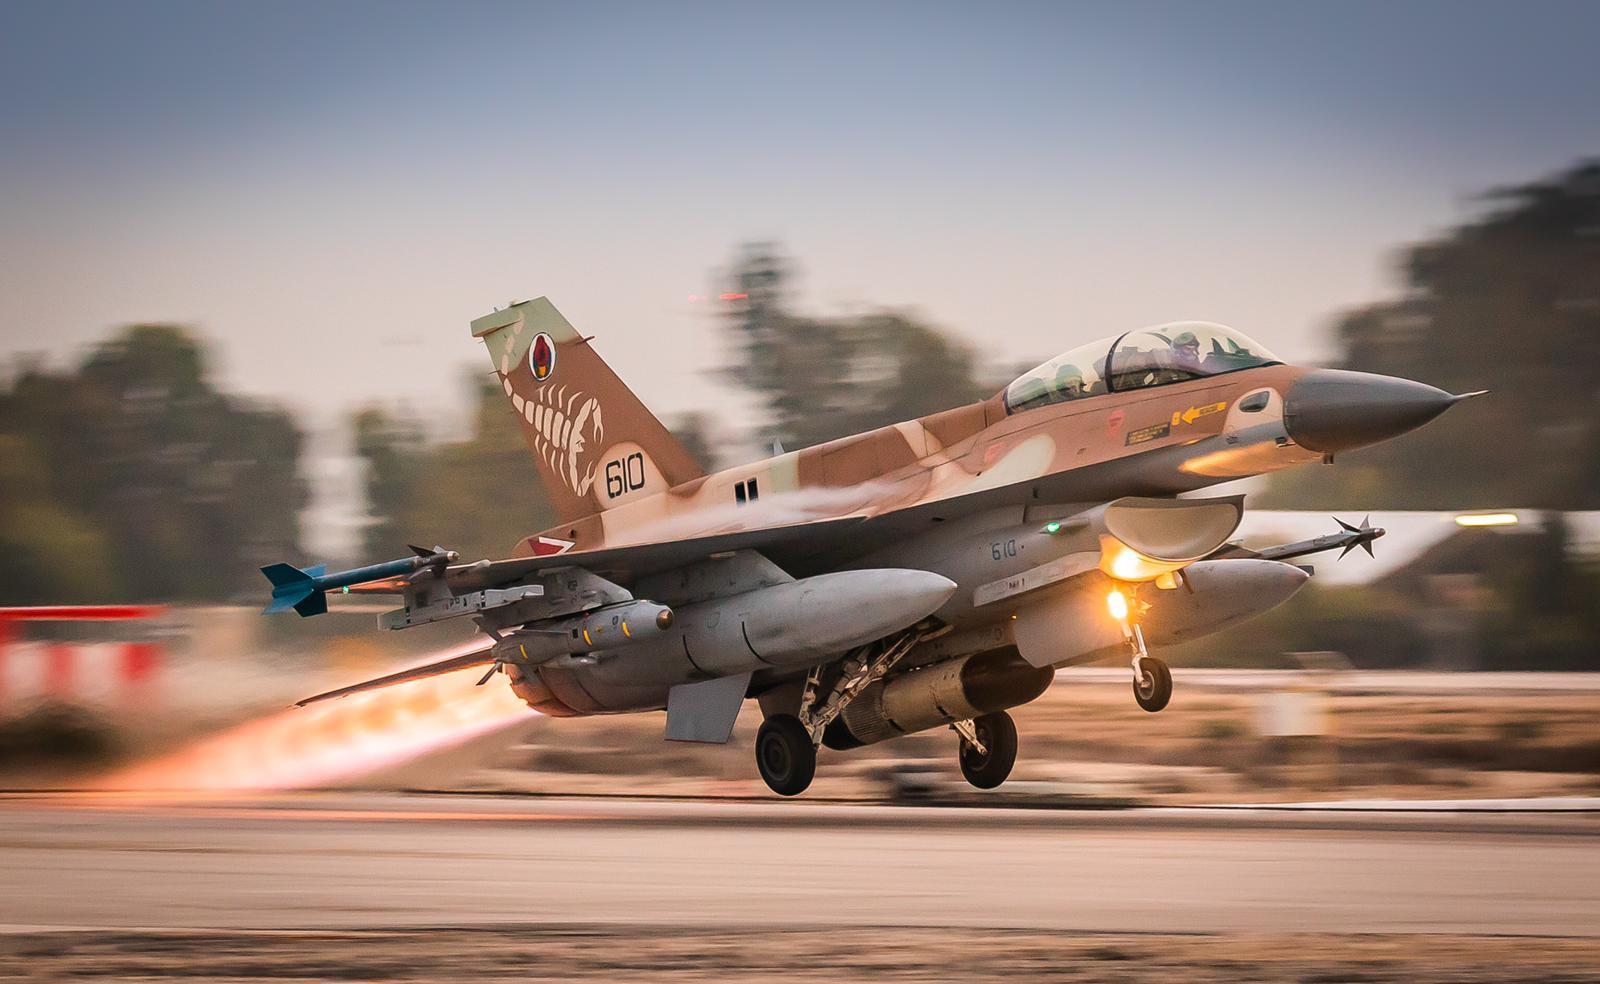 """صورة الهجـ.ـوم الكبير يقترب.. مسؤولون: قدمنا تعليمات للجيش الإسرائيلي بـ""""الجهوزية الكاملة"""""""